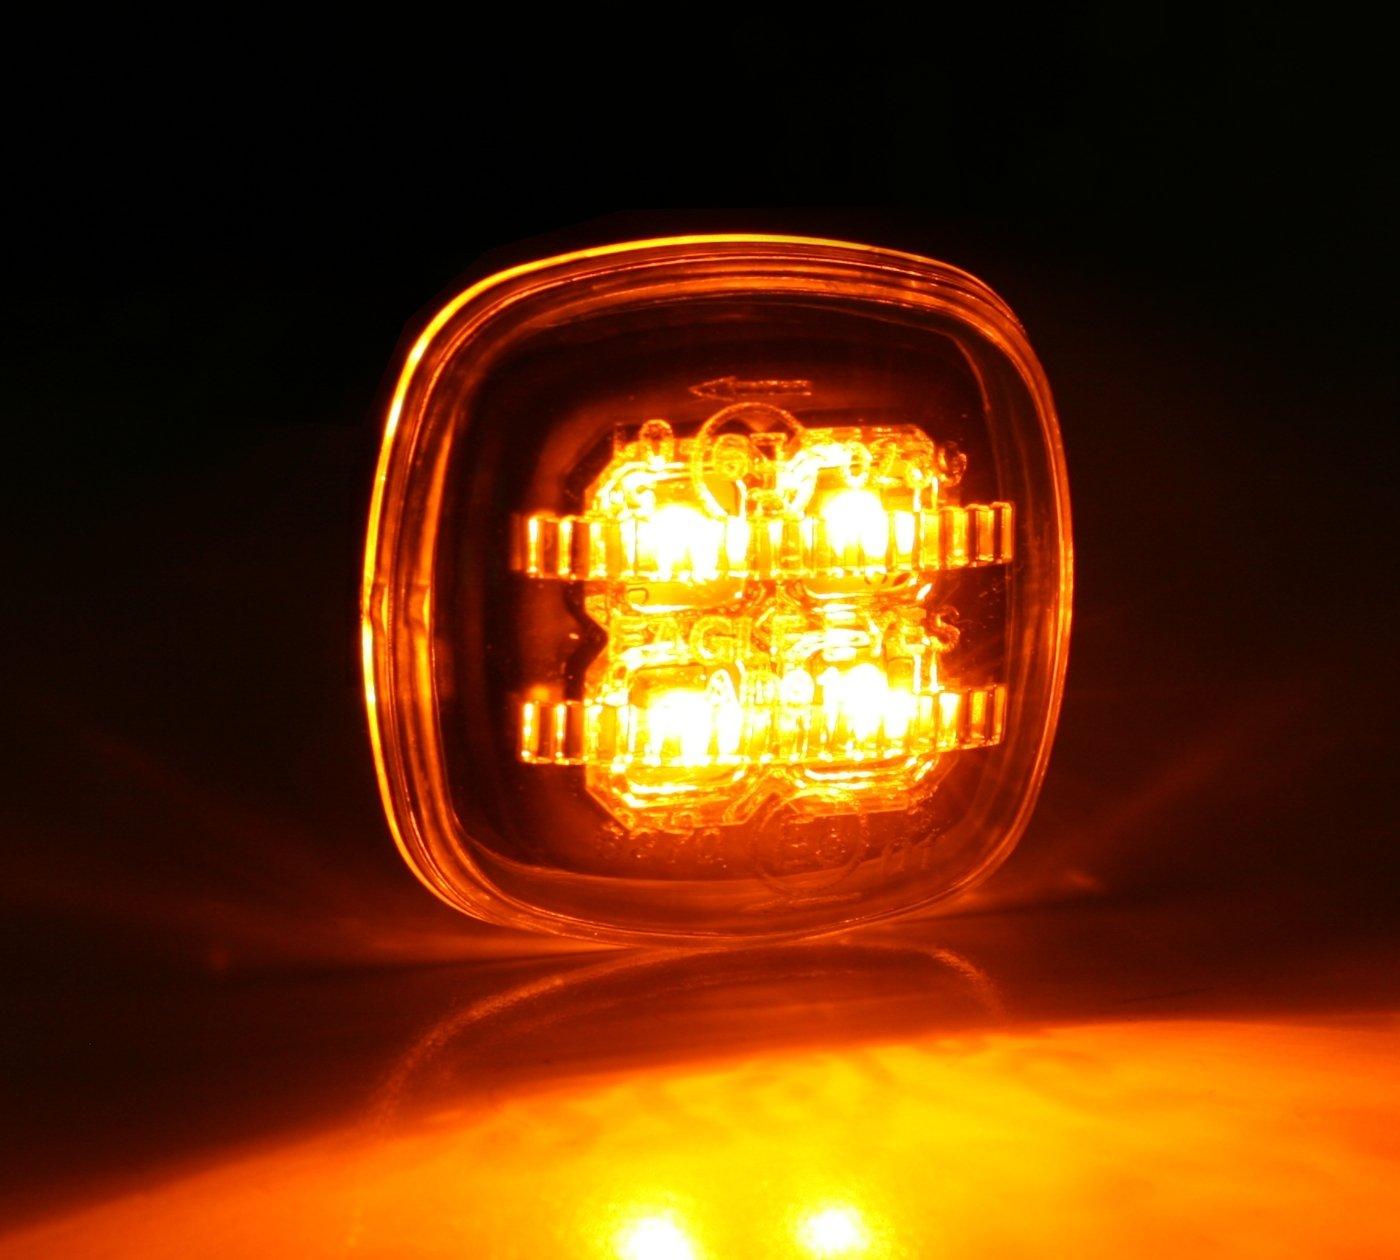 LED Clignotant lat/éral pour //// dans smoke